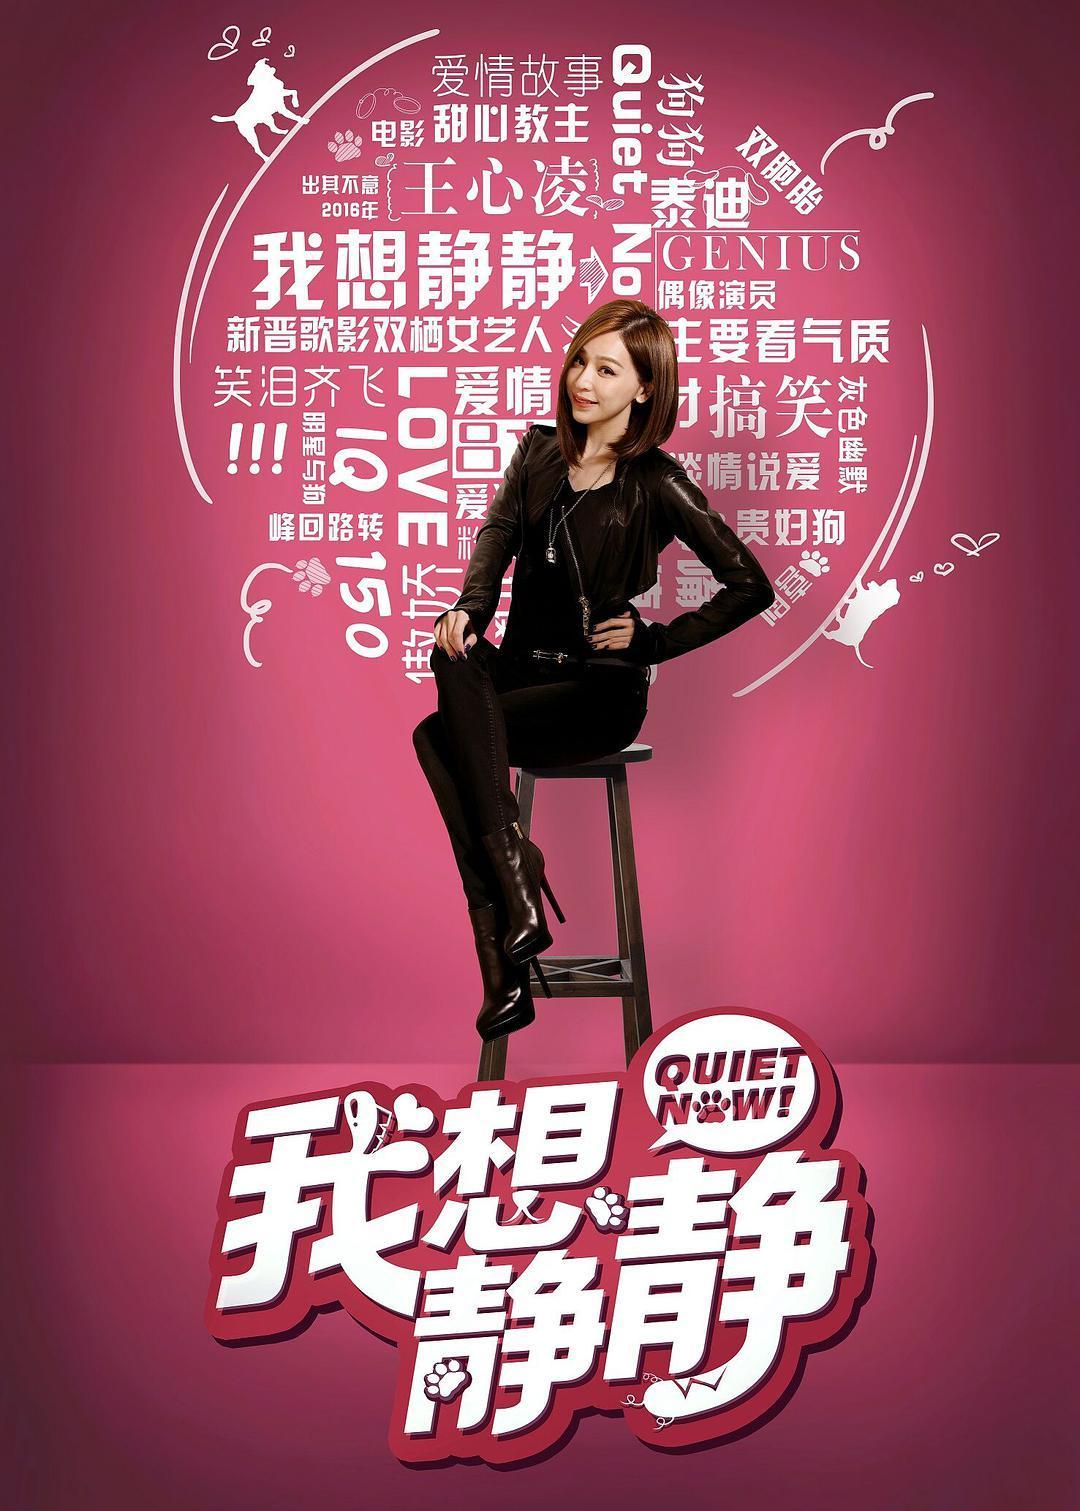 国内首部宠物喜剧电影《我想静静》锁定暑期档8月7日全国公映